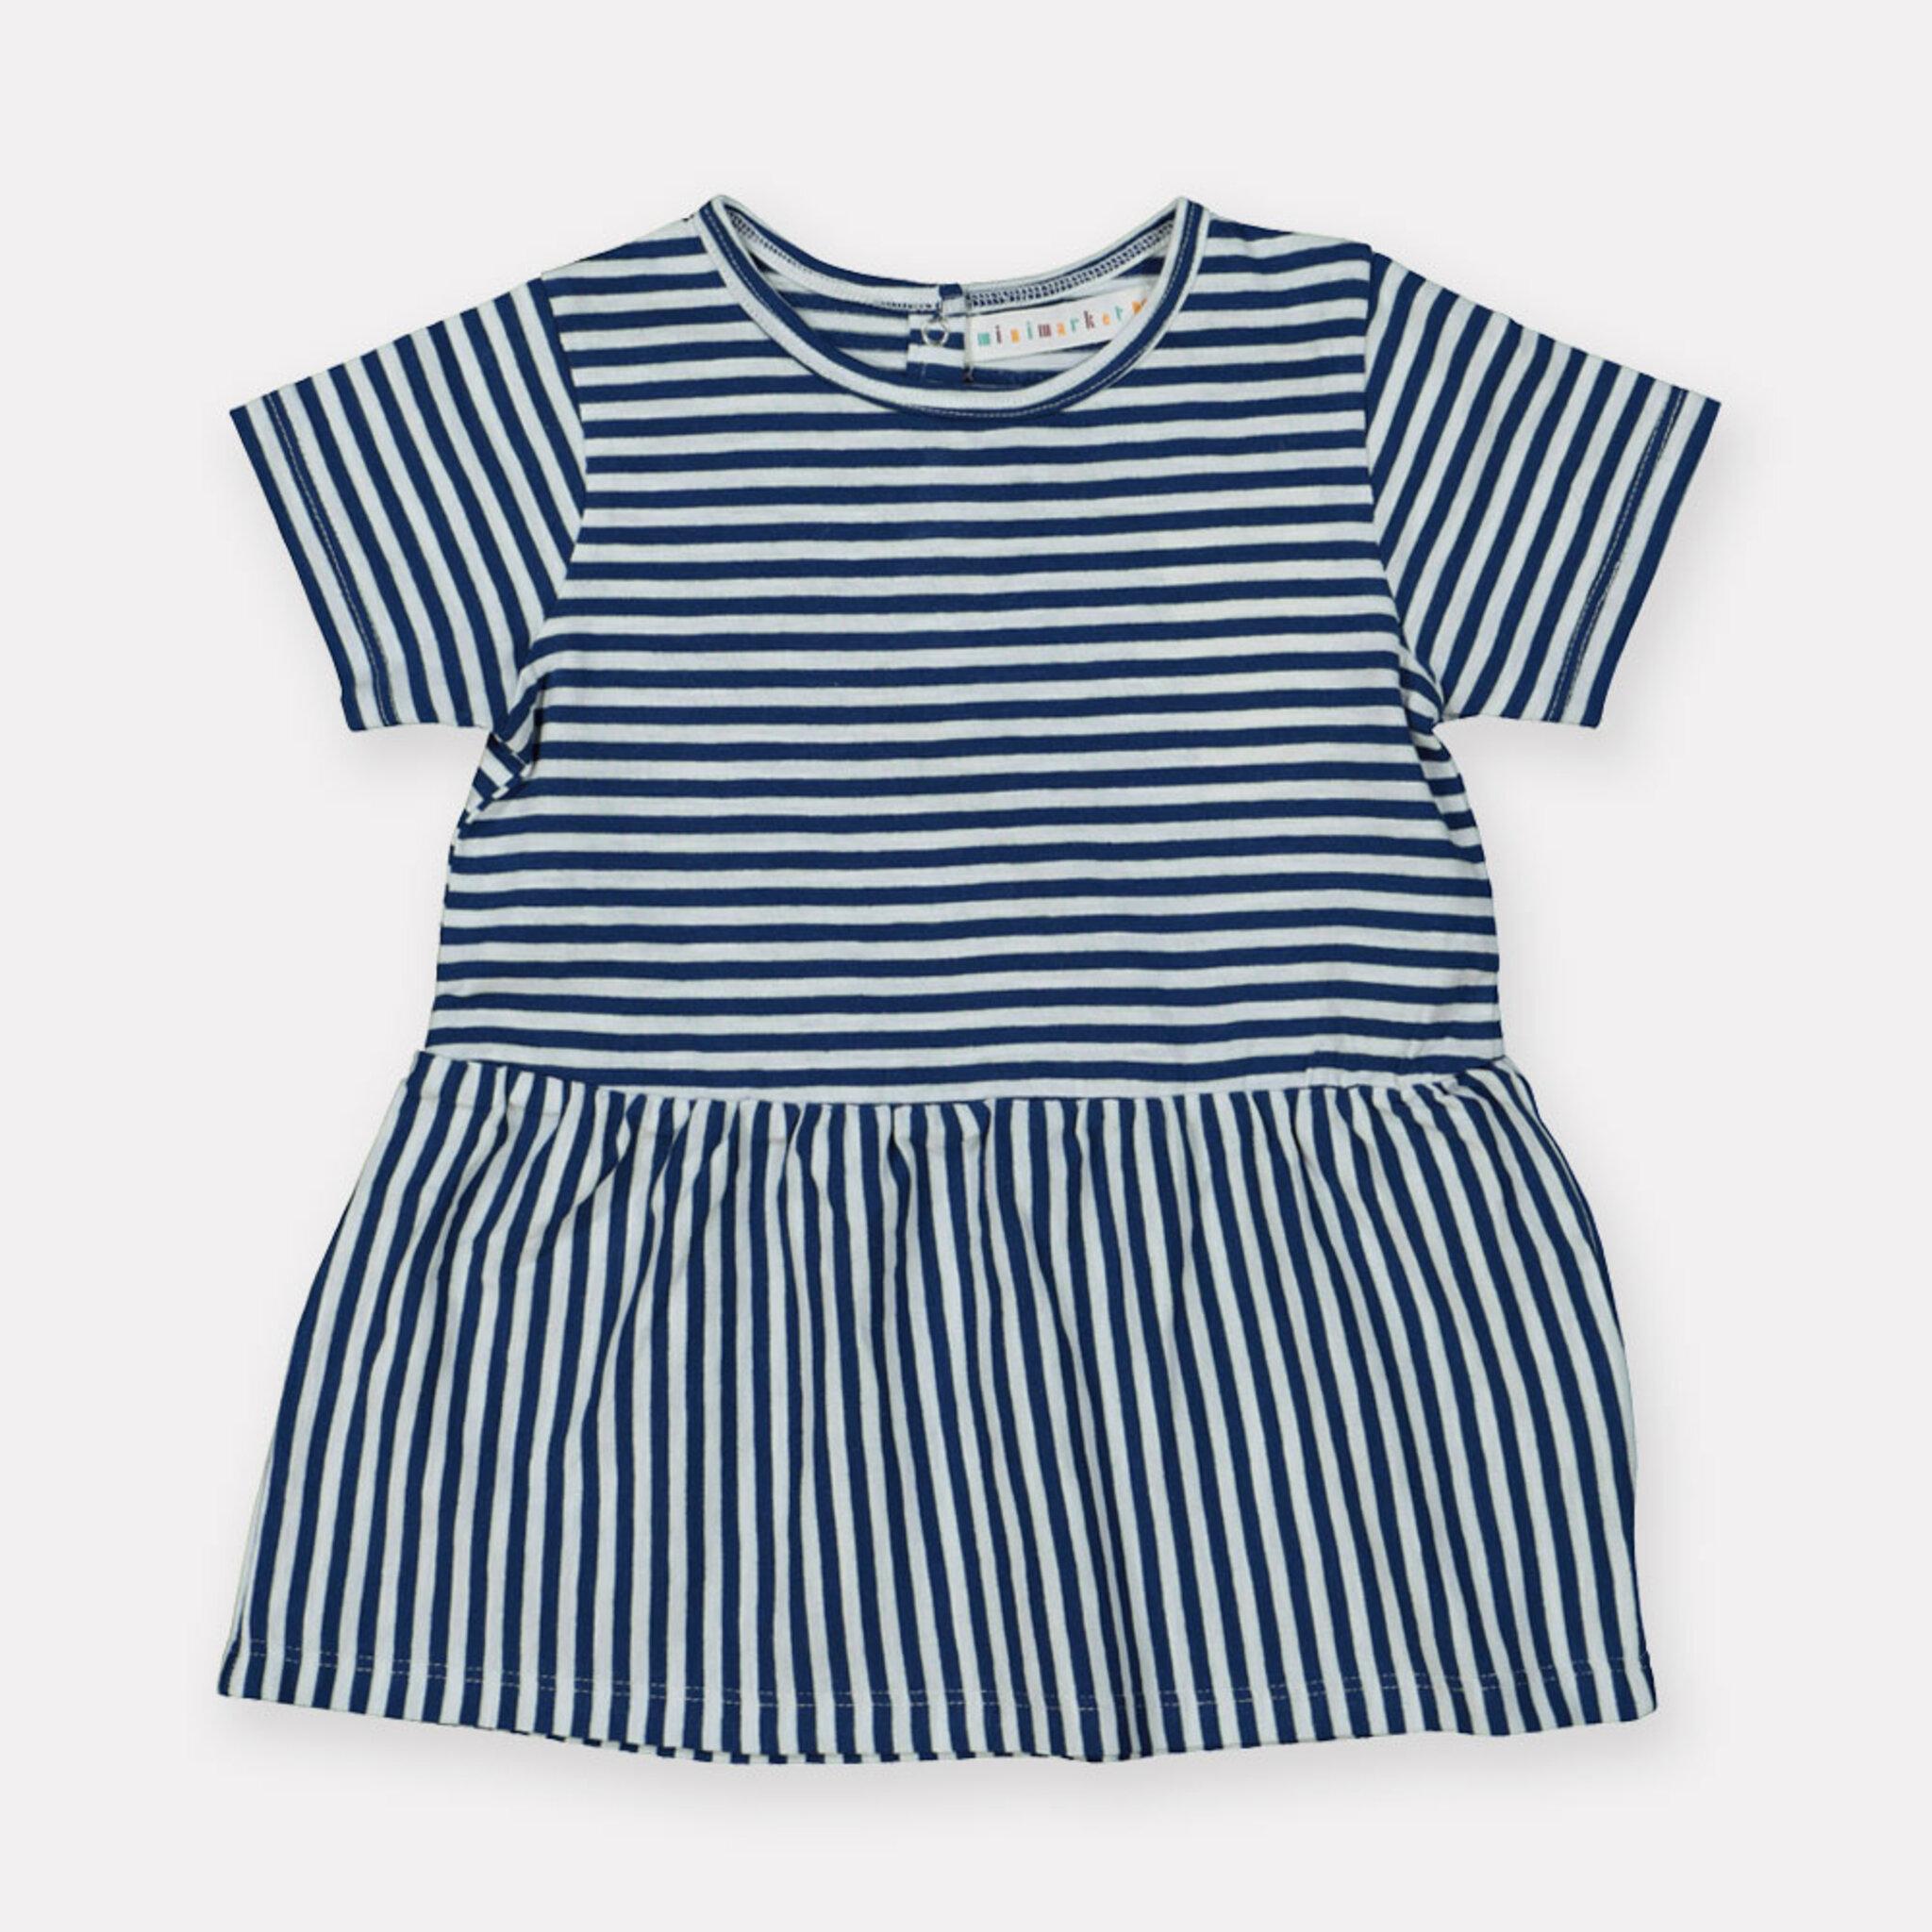 Klänning Klänningar & kjolar Köp online på åhlens.se!